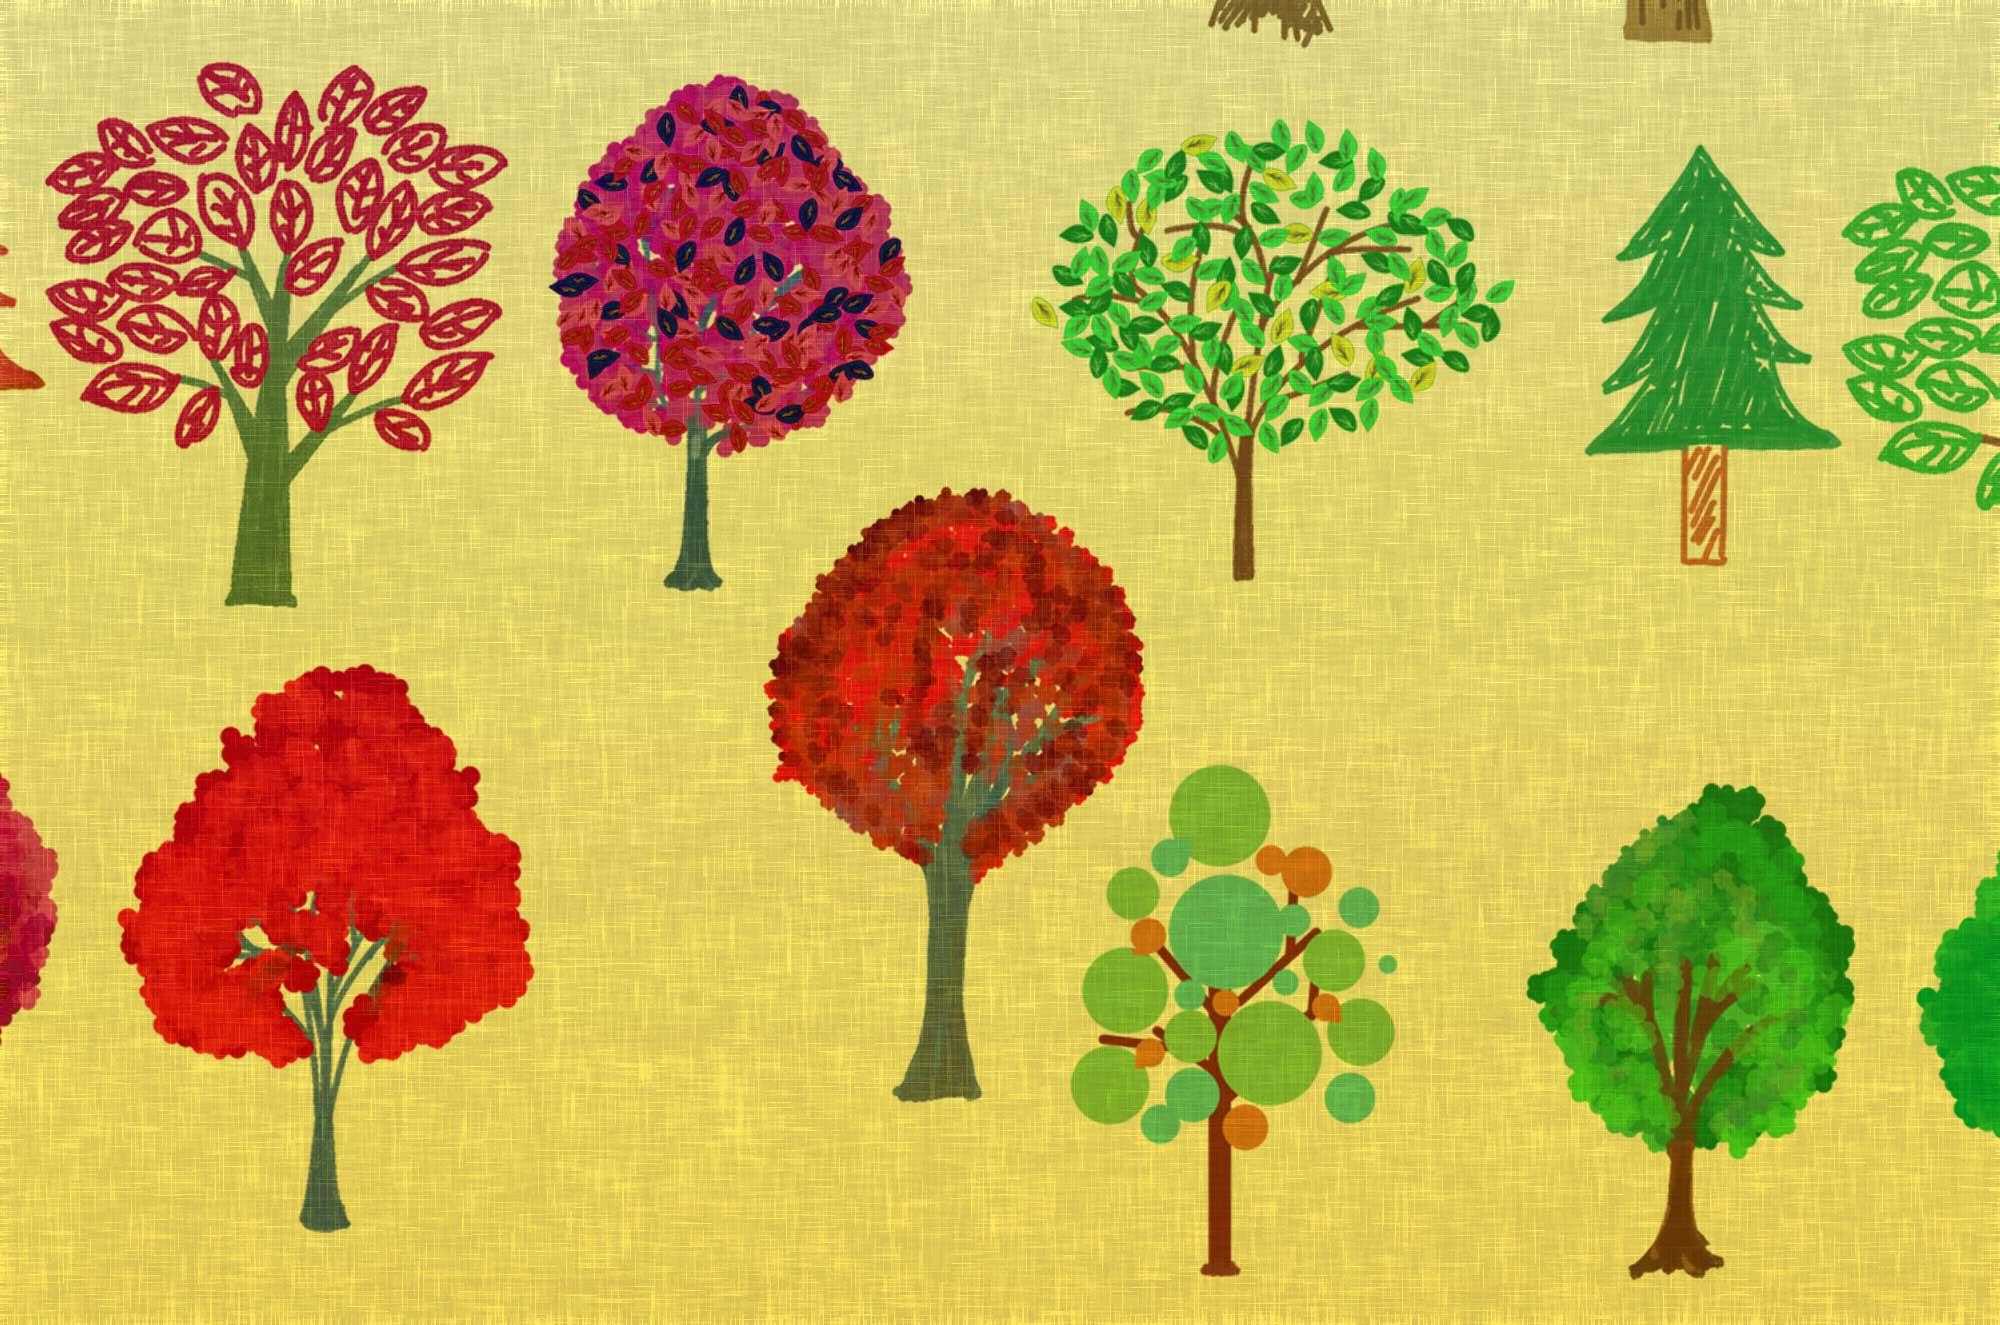 手描きで描いた可愛い木のイラスト無料素材集 - 28個